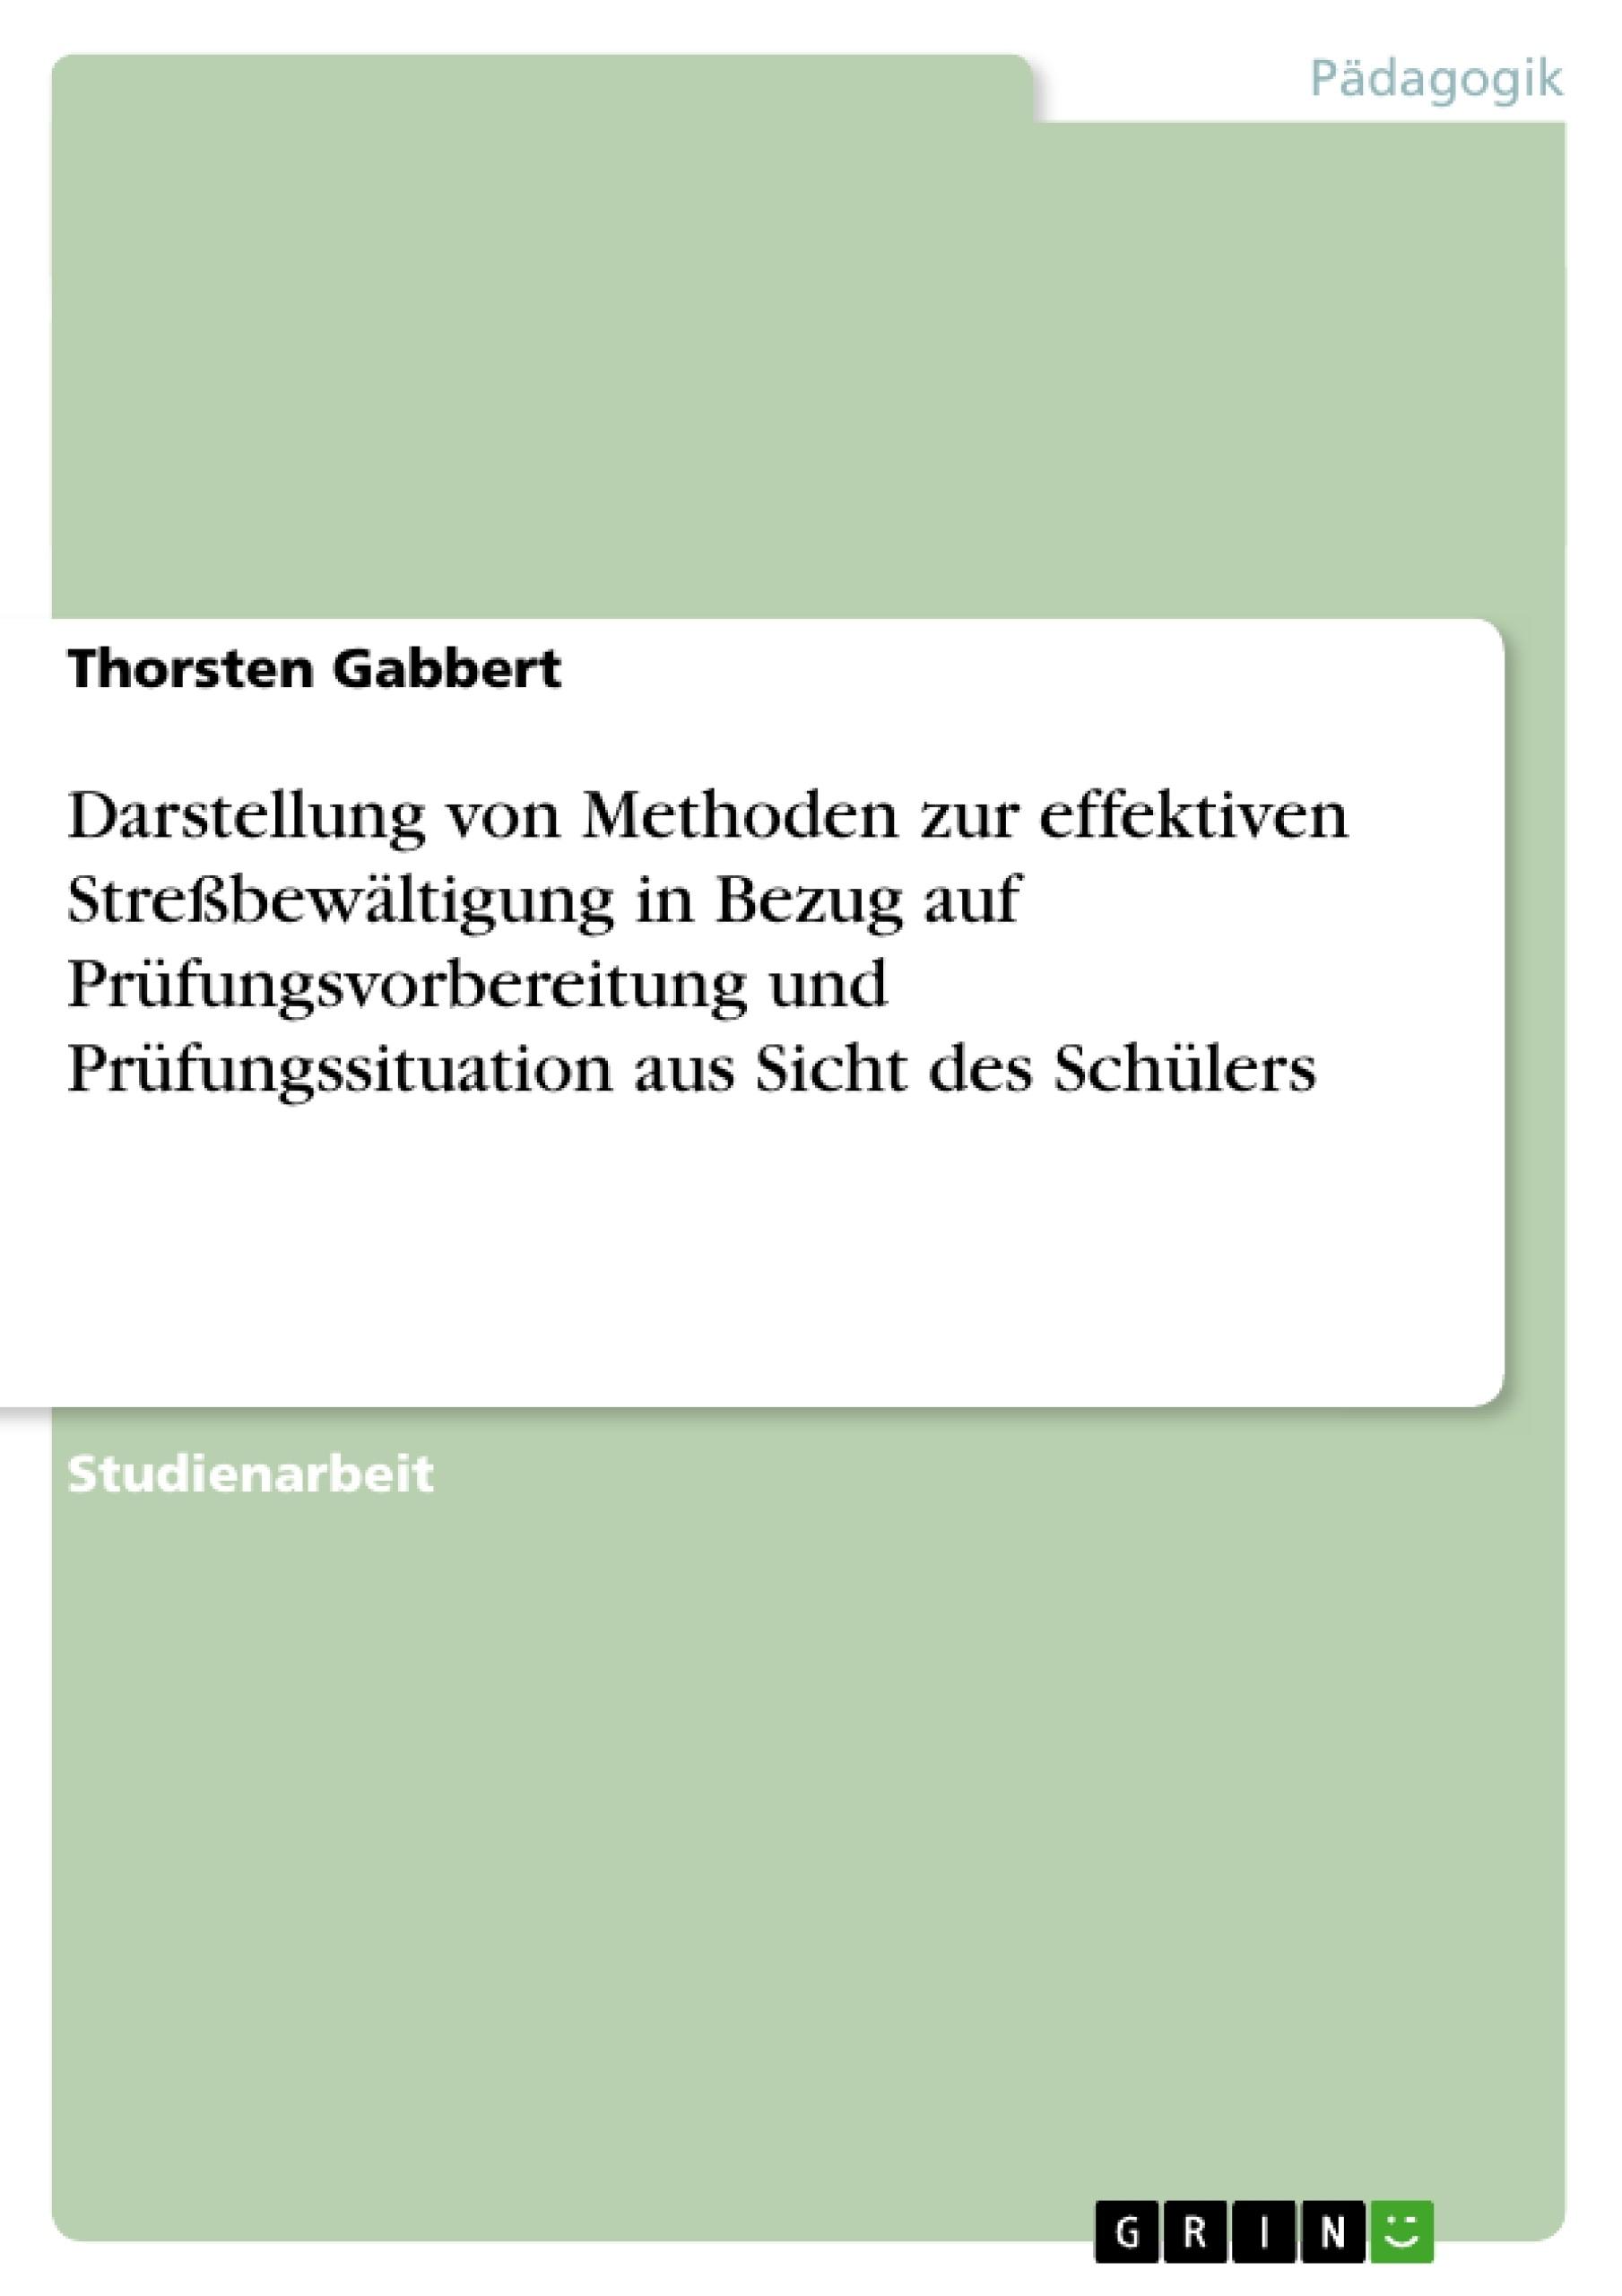 Titel: Darstellung von Methoden zur effektiven Streßbewältigung in Bezug auf Prüfungsvorbereitung und Prüfungssituation aus Sicht des Schülers